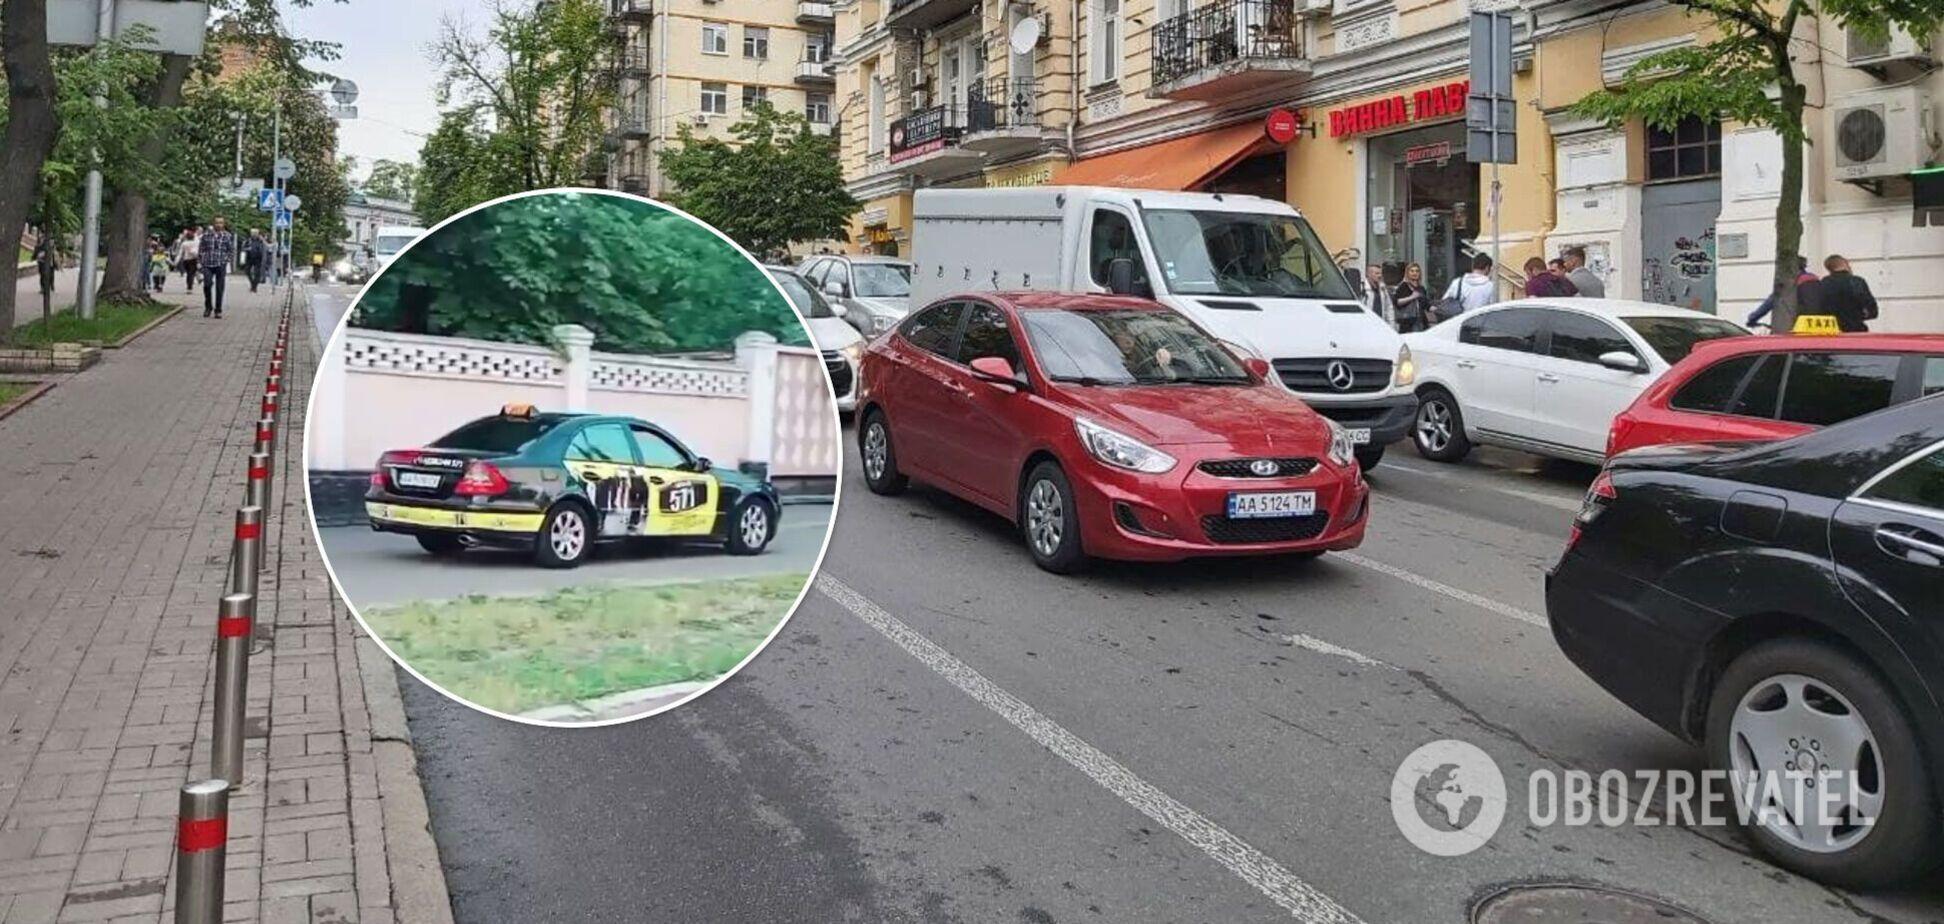 Пешеходы не реагировали на нарушение ПДД